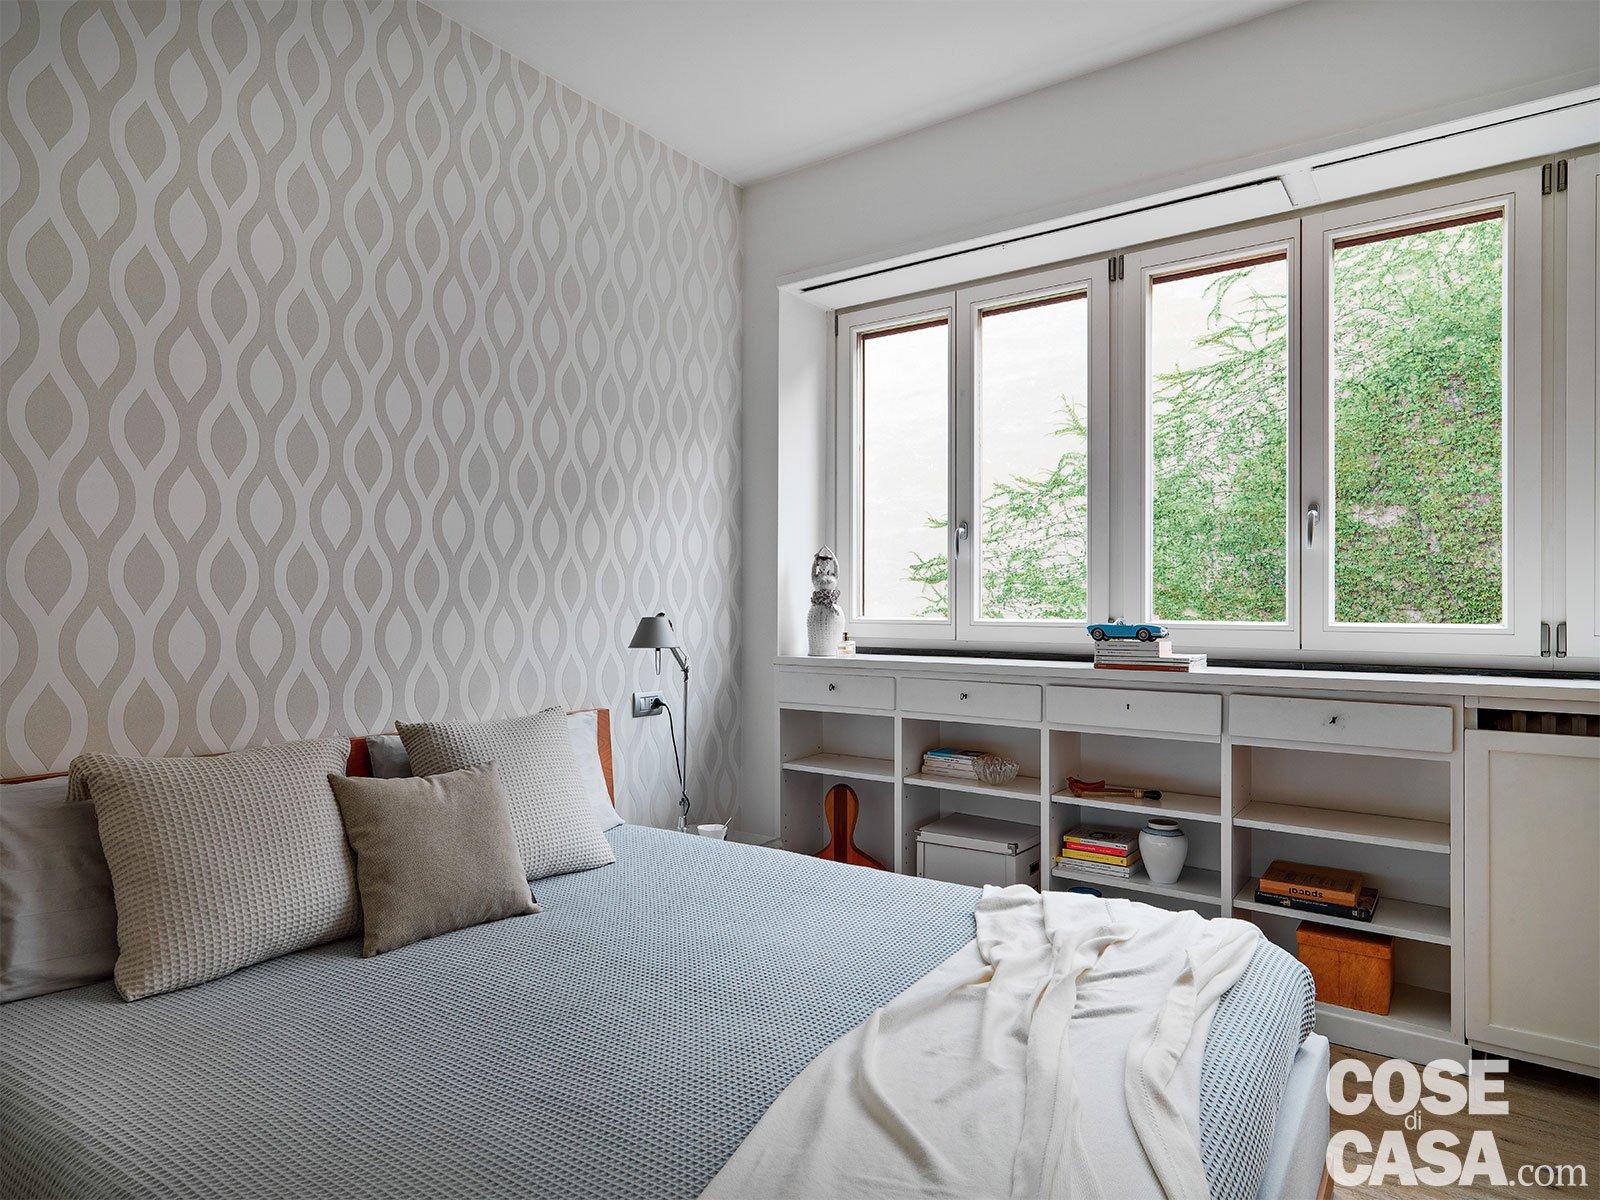 150 mq tutti da copiare dalla divisione soggiorno cucina - La finestra della camera da letto ...